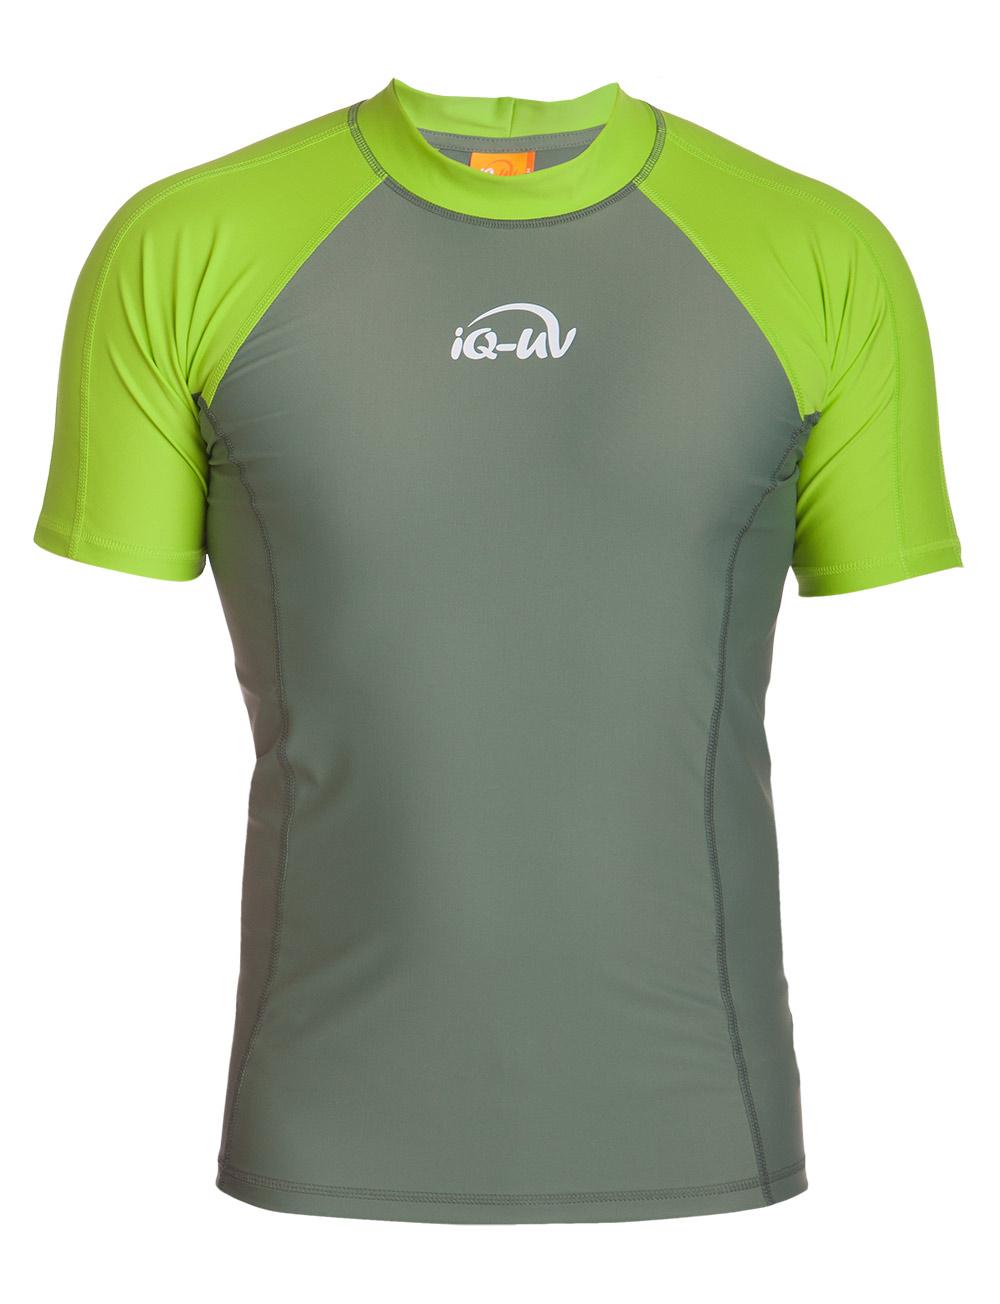 IQ-UV Herren UV-Shirt enganliegend   Wassersport   UPF 300+   IQ UV 037cc3ca26